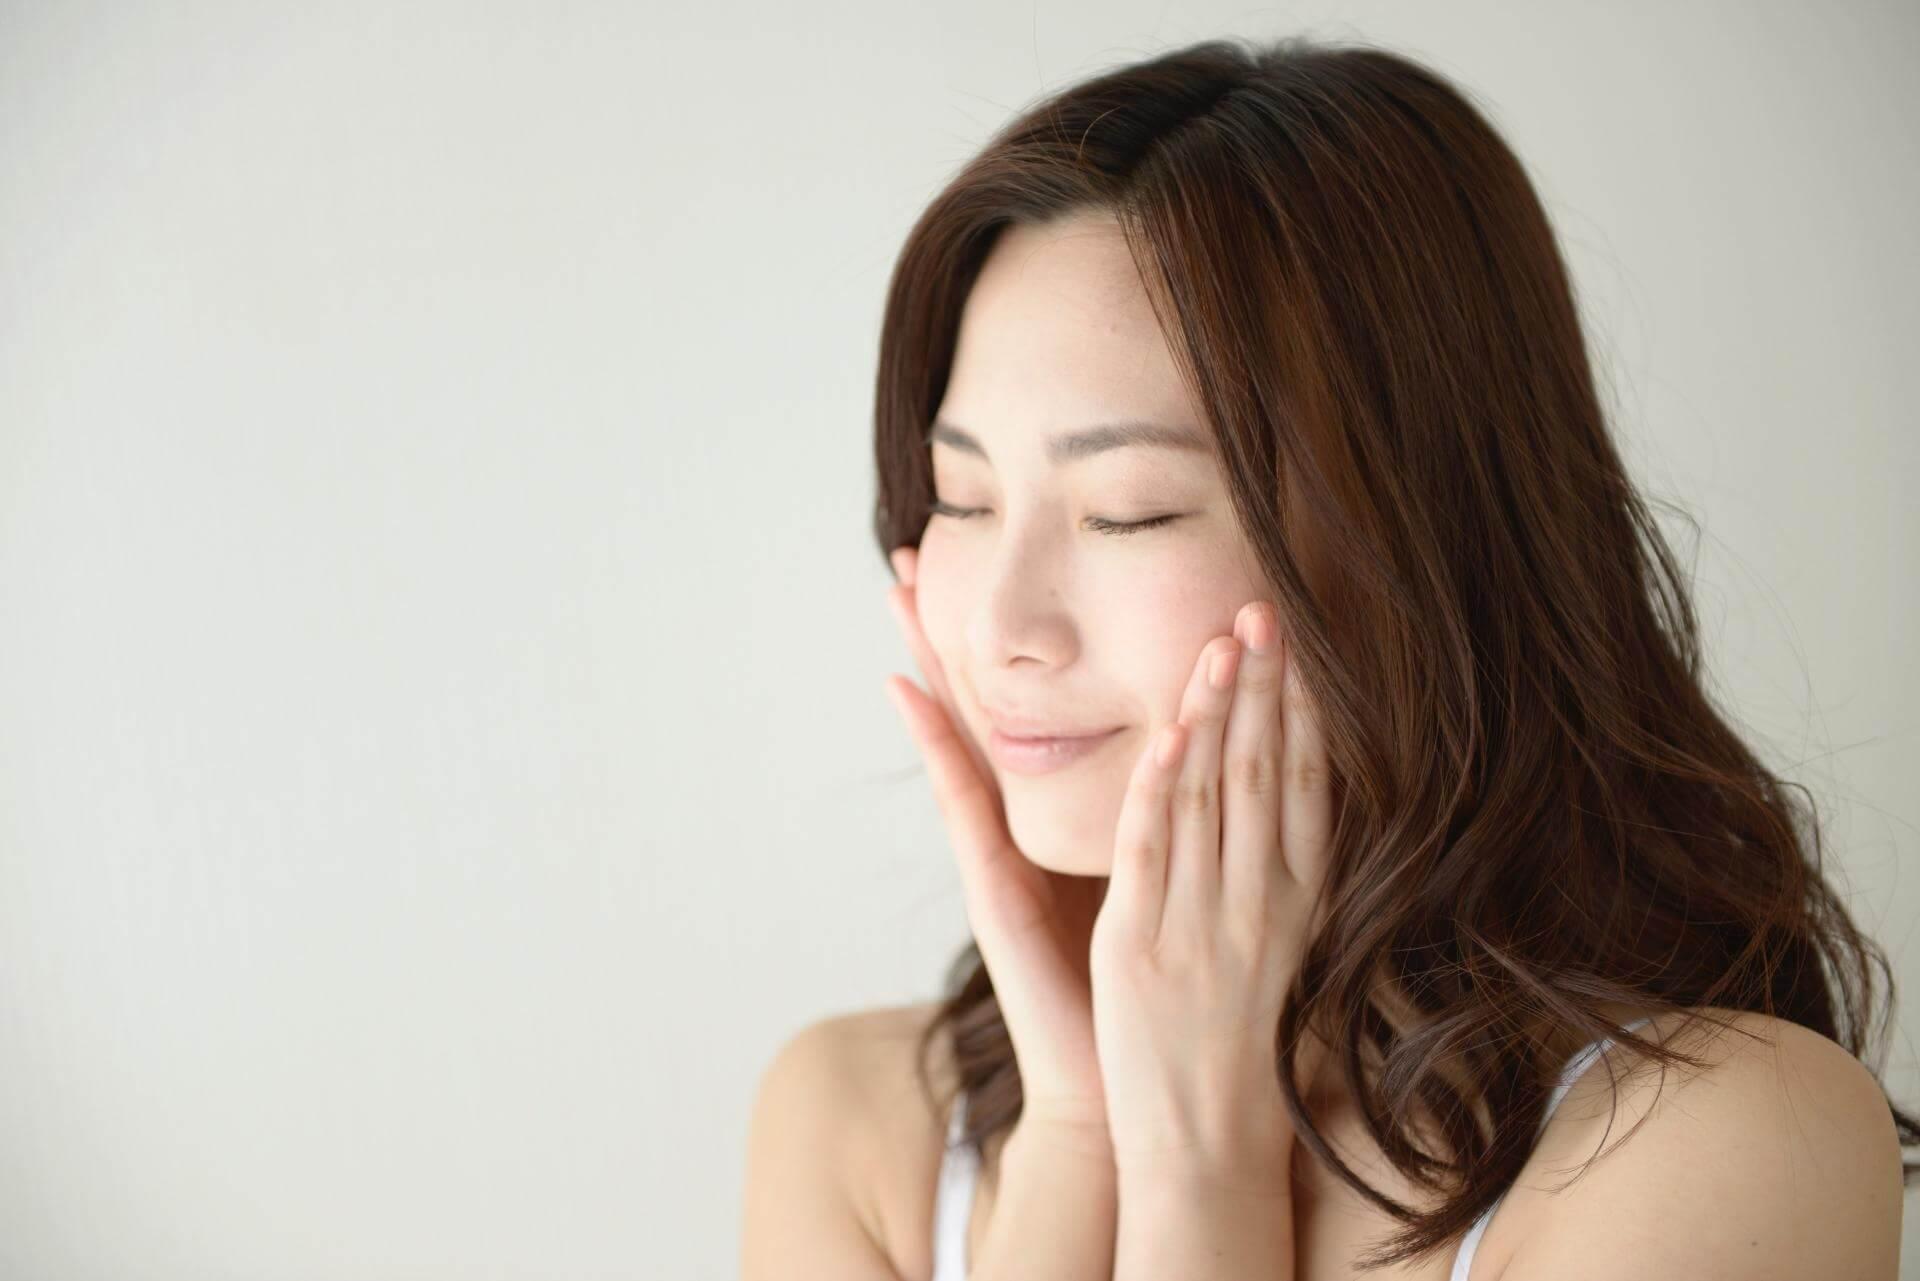 敏感肌タイプの赤ら顔